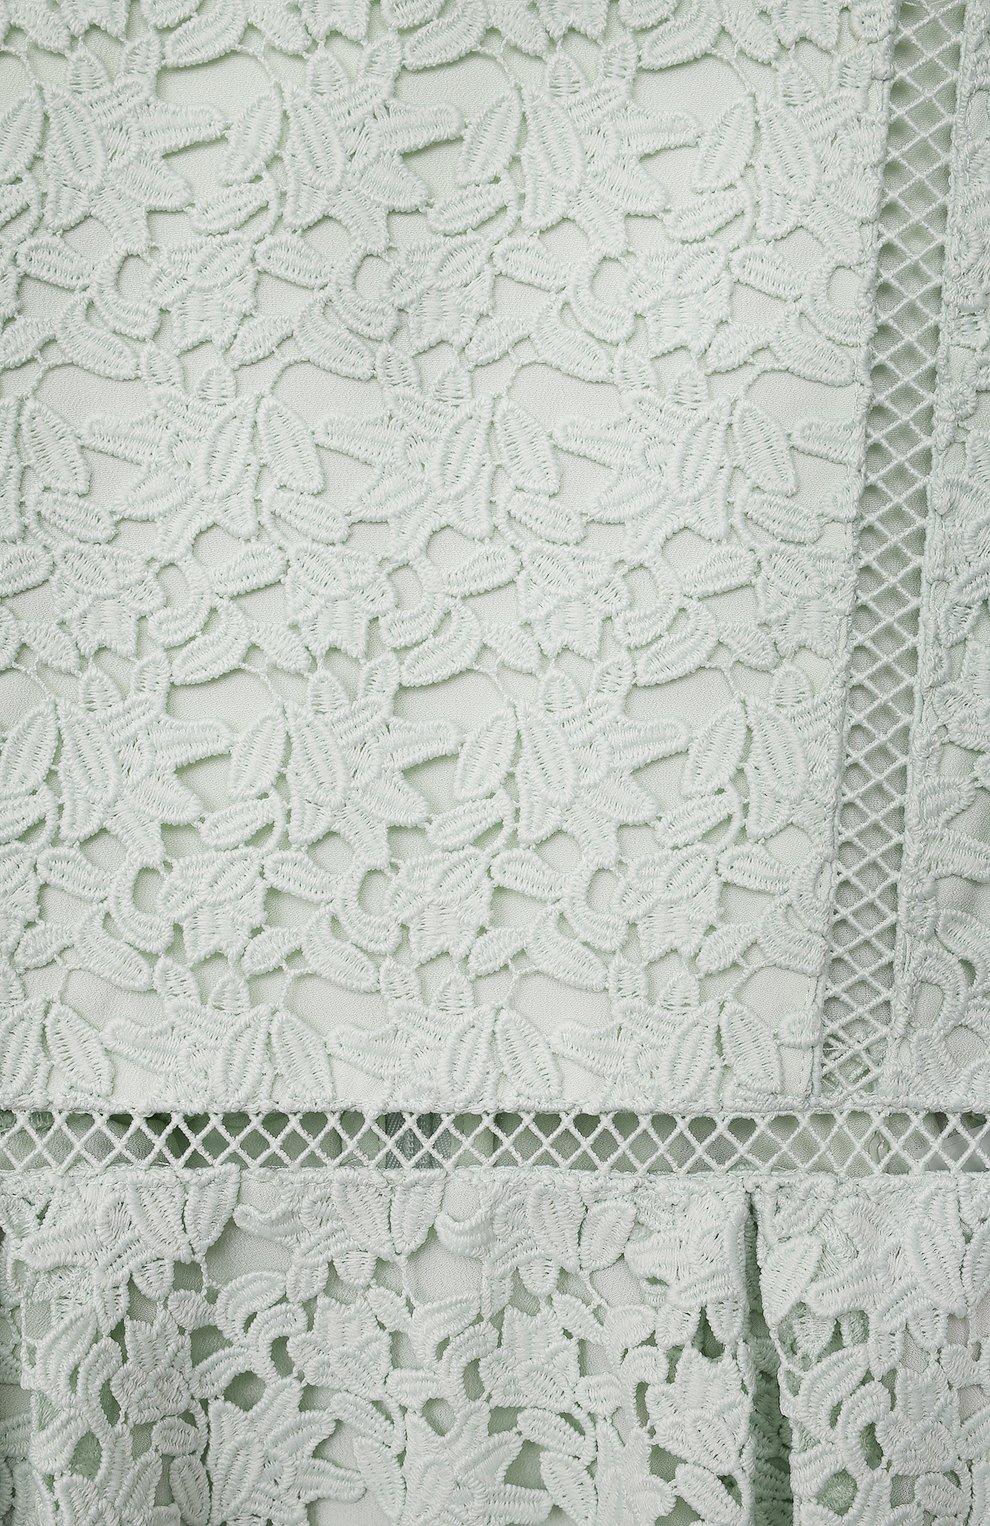 Детское платье SELF-PORTRAIT KIDS светло-зеленого цвета, арт. PF21-703   Фото 3 (Рукава: Короткие; Случай: Повседневный; Материал внешний: Синтетический материал; Материал подклада: Синтетический материал; Девочки Кросс-КТ: Платье-одежда; Ростовка одежда: 12 лет   152 см, 10 - 11 лет   140 - 146см, 5 лет   110 см, 4 года   104 см, 6 лет   116 см, 7 лет   122 см, 8 лет   128 см, 9 лет   134 см)